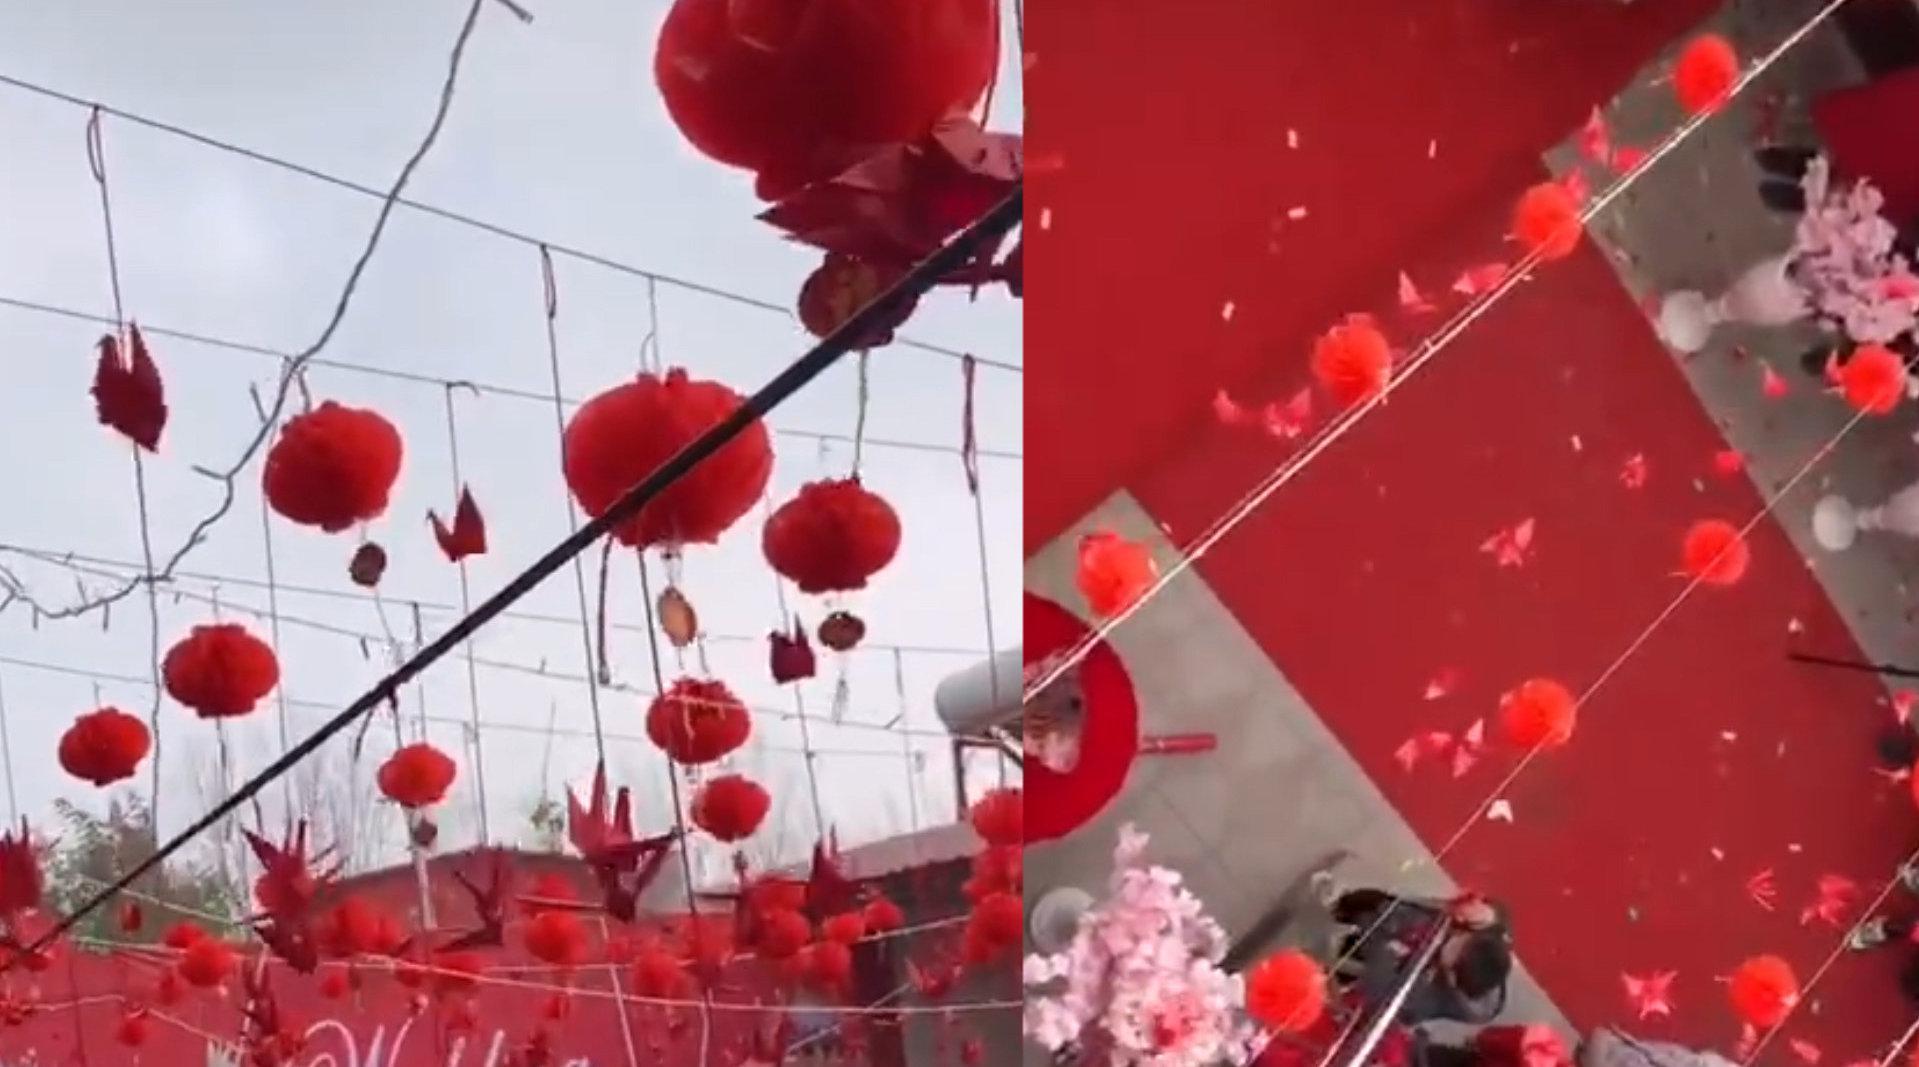 新郎婚礼当天 现场挂满1314只千纸鹤 化妆师说出背后原因令人动容